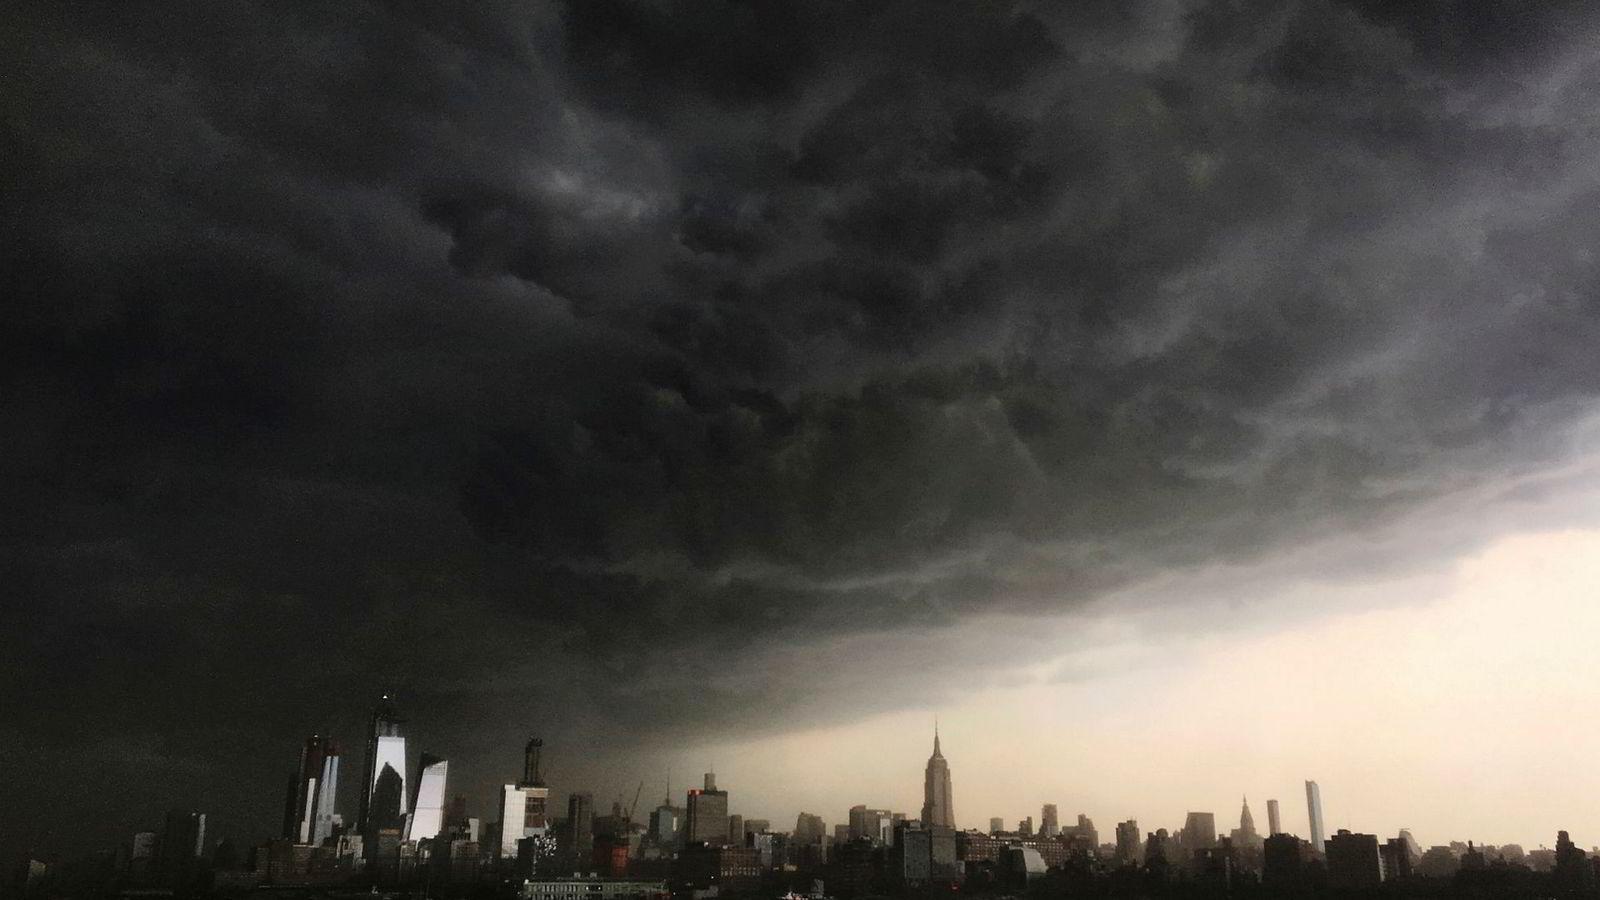 Det er ikke bare Wall Street som har hatt et tøft år. Hverken aksjer, obligasjoner eller eiendom har gitt avkastning så langt i år. Her samler skyene seg opp over New York under en storm tidligere i år.